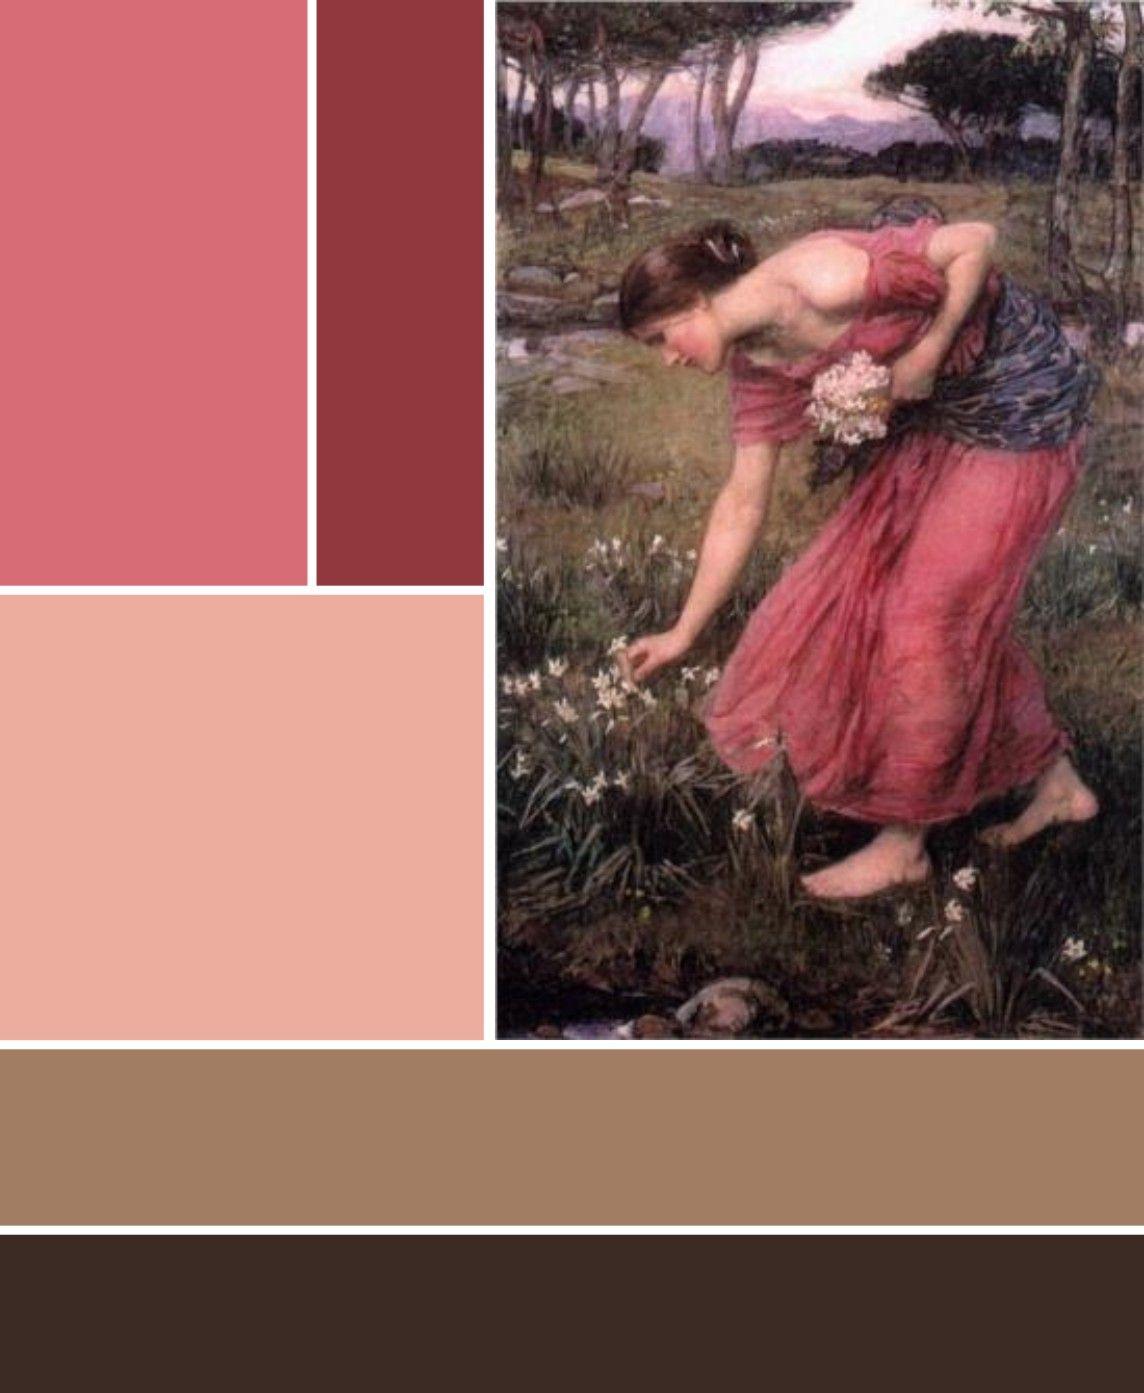 Narcissus Framed Print | Framed prints, Fine art prints